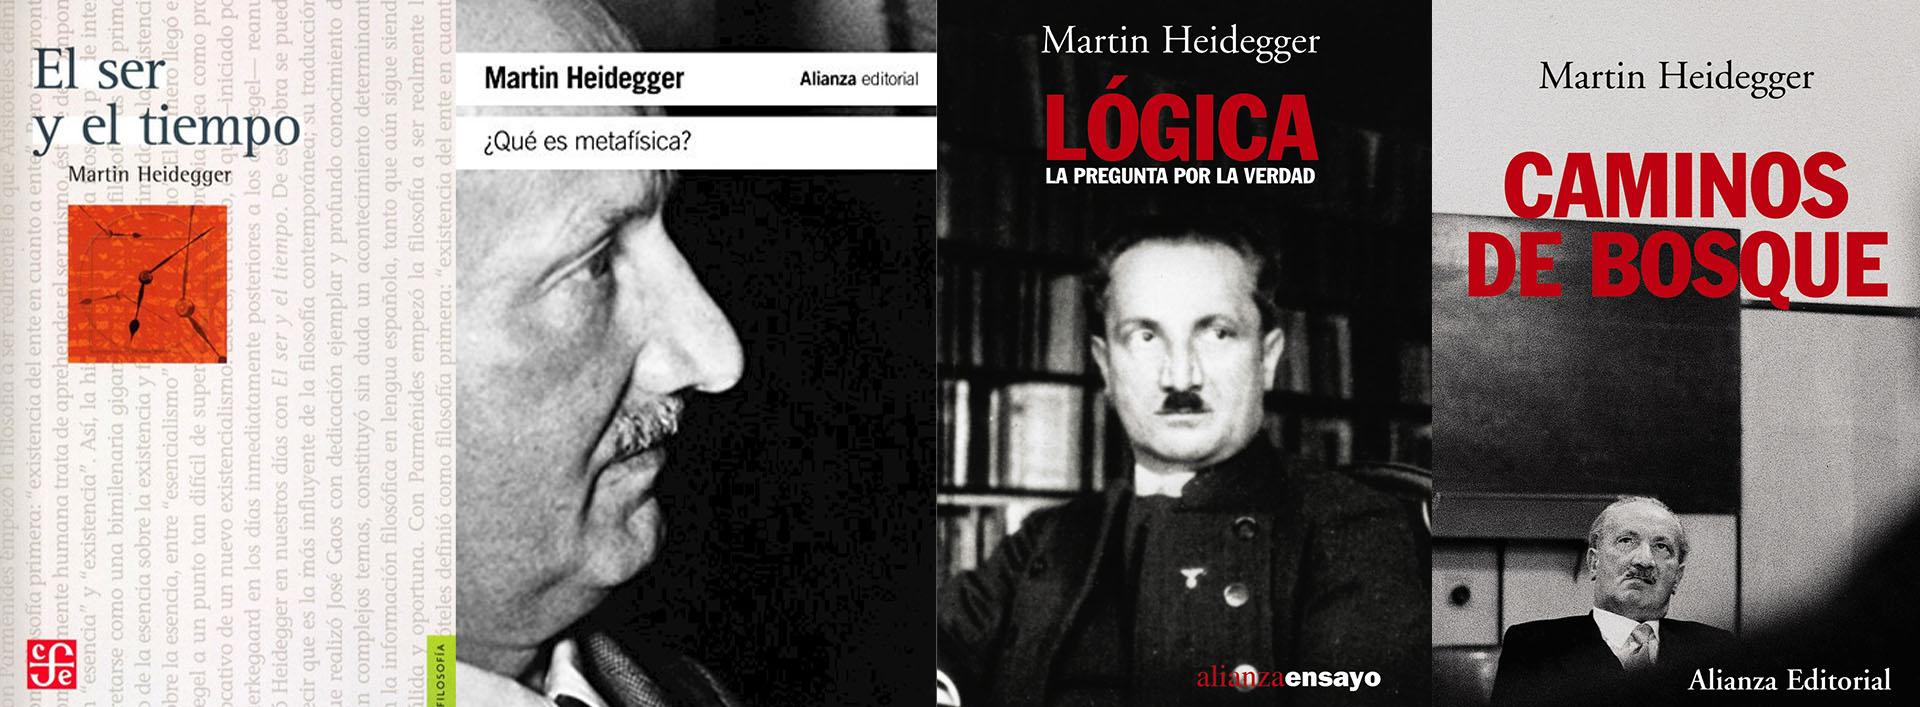 Algunas obras del autor alemán